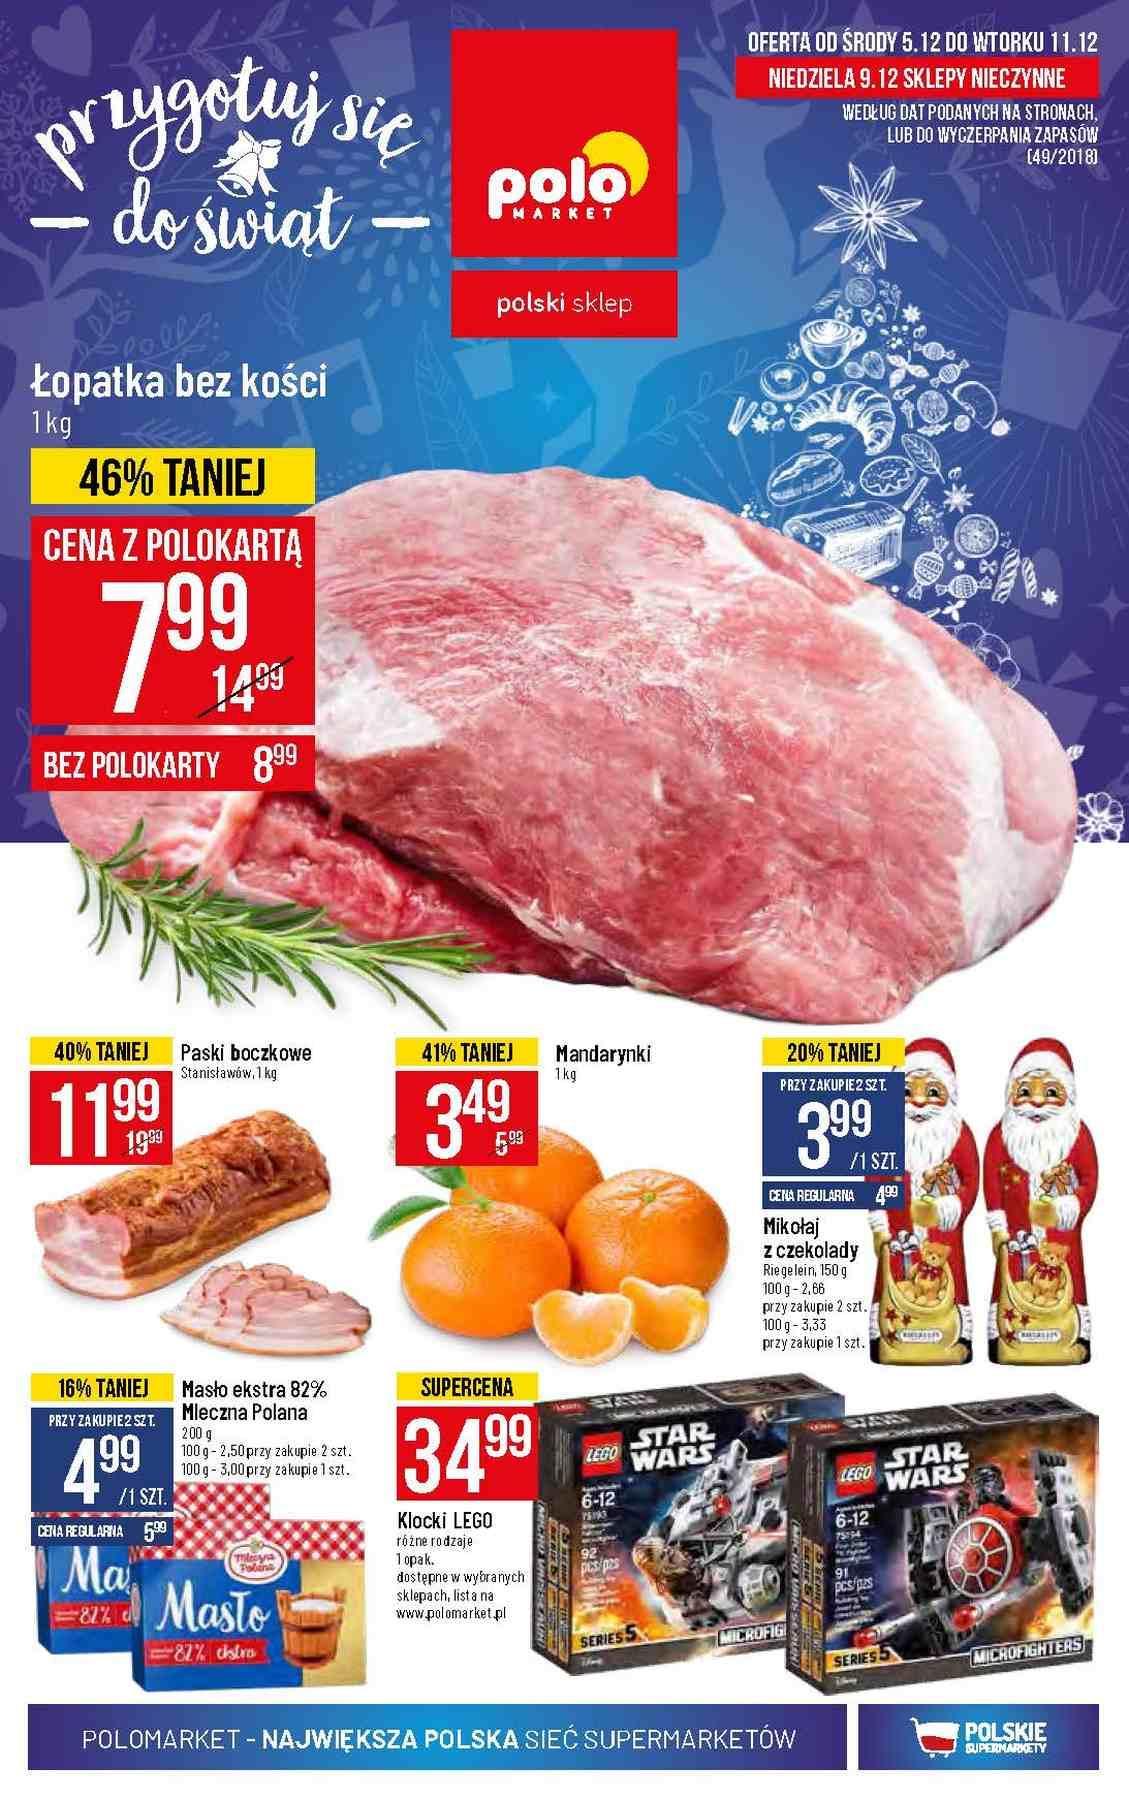 Gazetka promocyjna POLOmarket do 11/12/2018 str.1